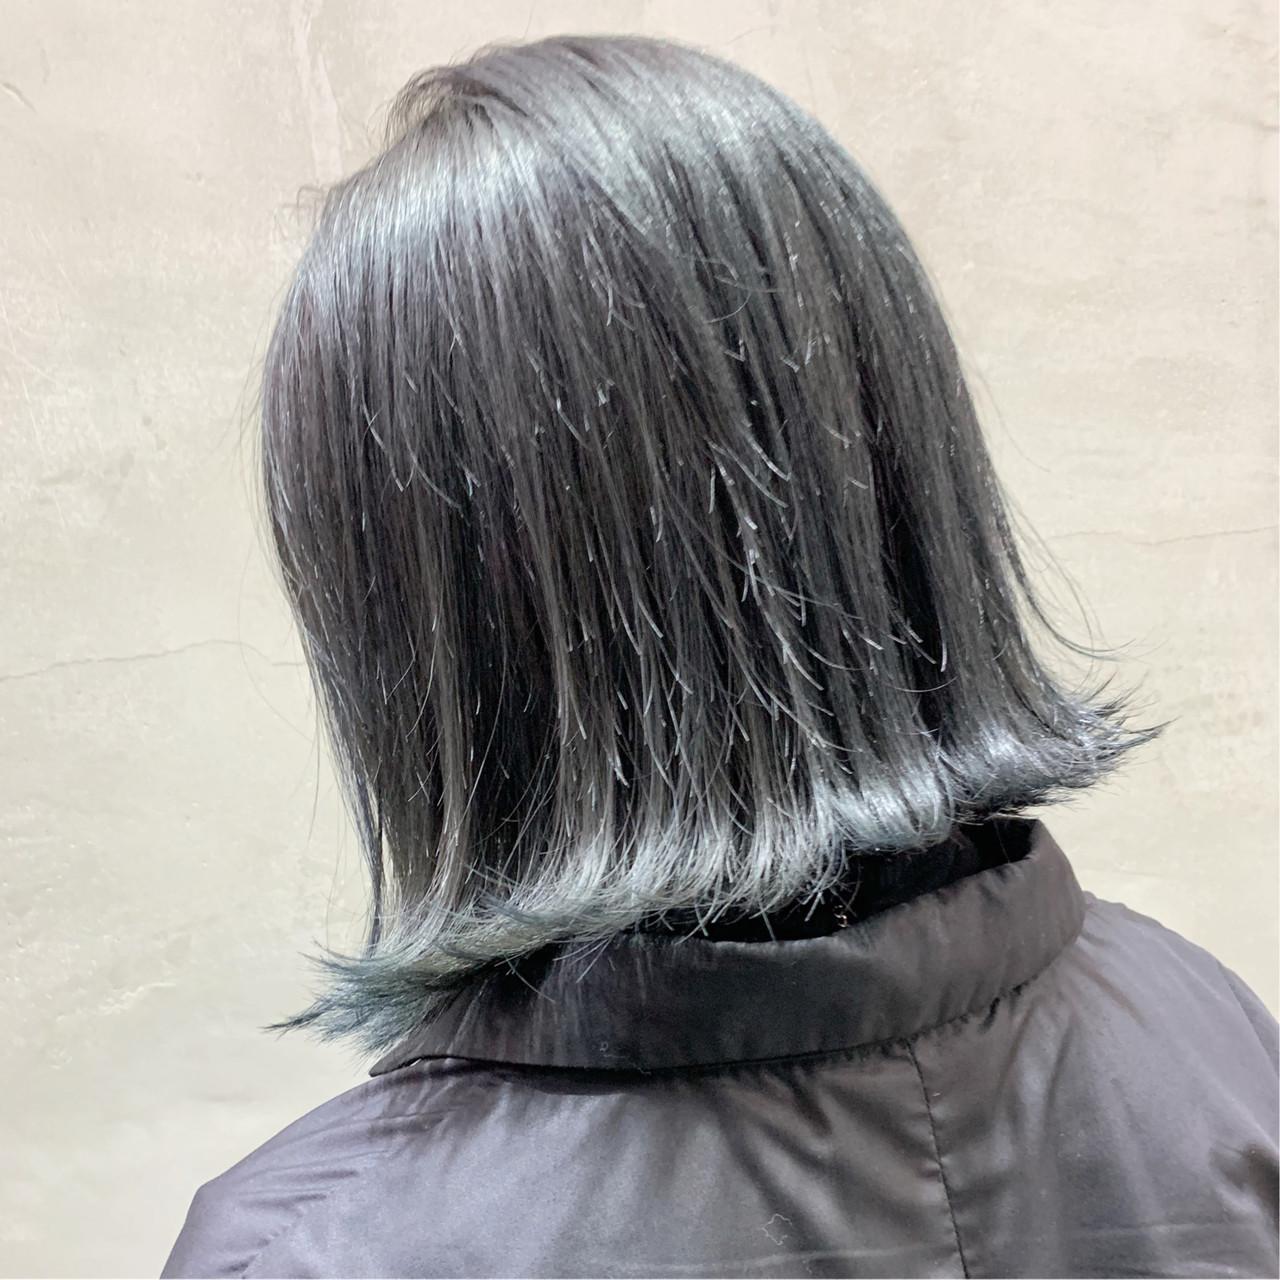 ボブ オフィス ハイライト バレイヤージュ ヘアスタイルや髪型の写真・画像